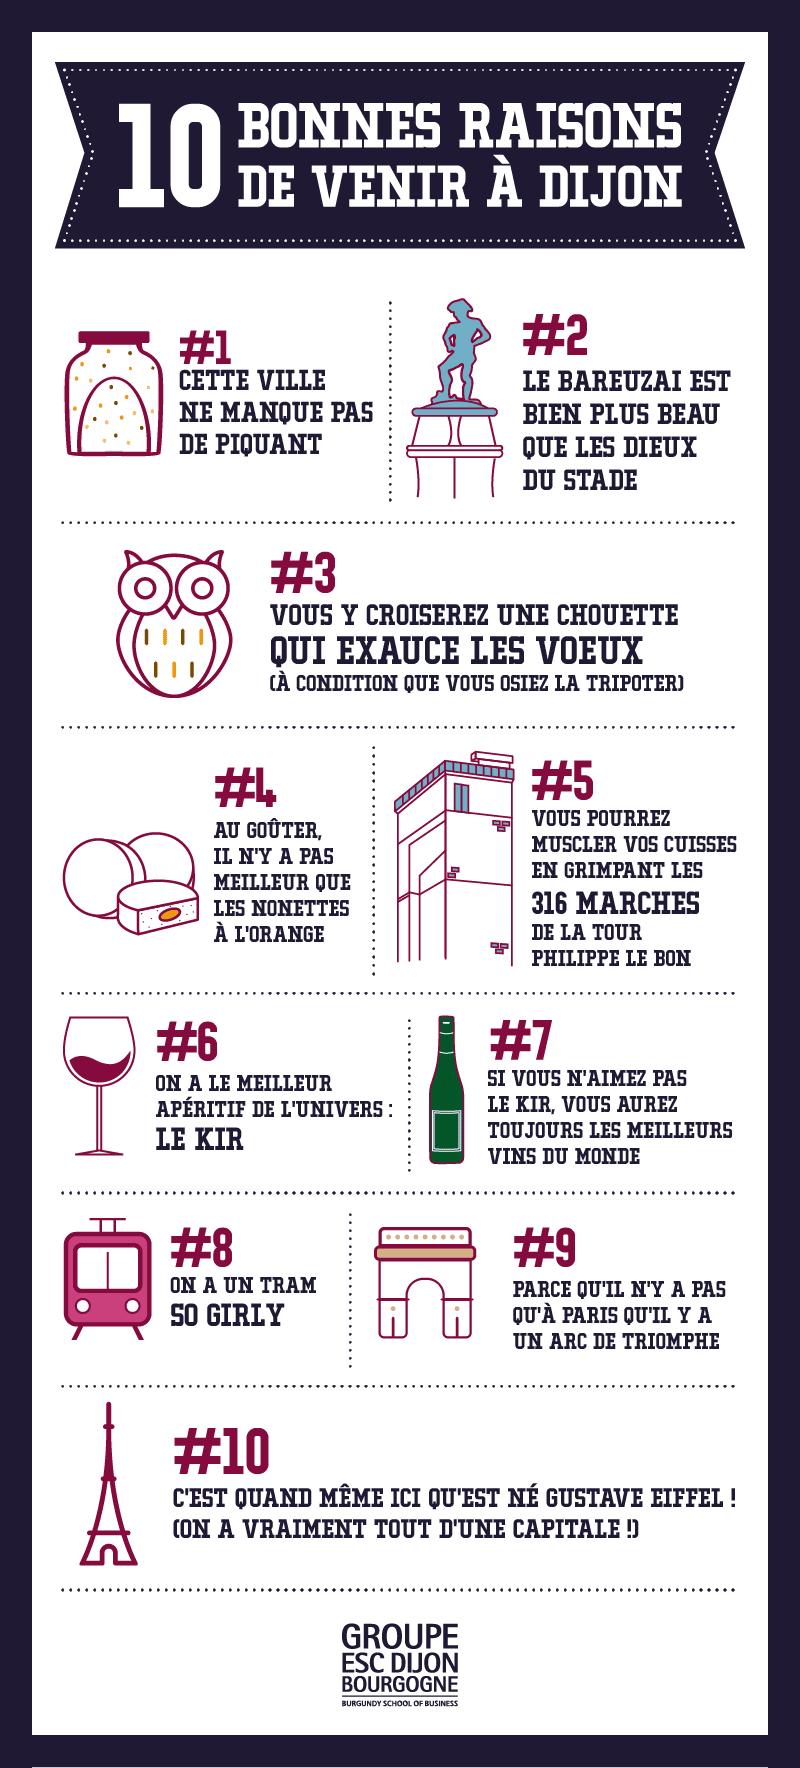 10 bonnes raisons d'aller à l'ESC Dijon